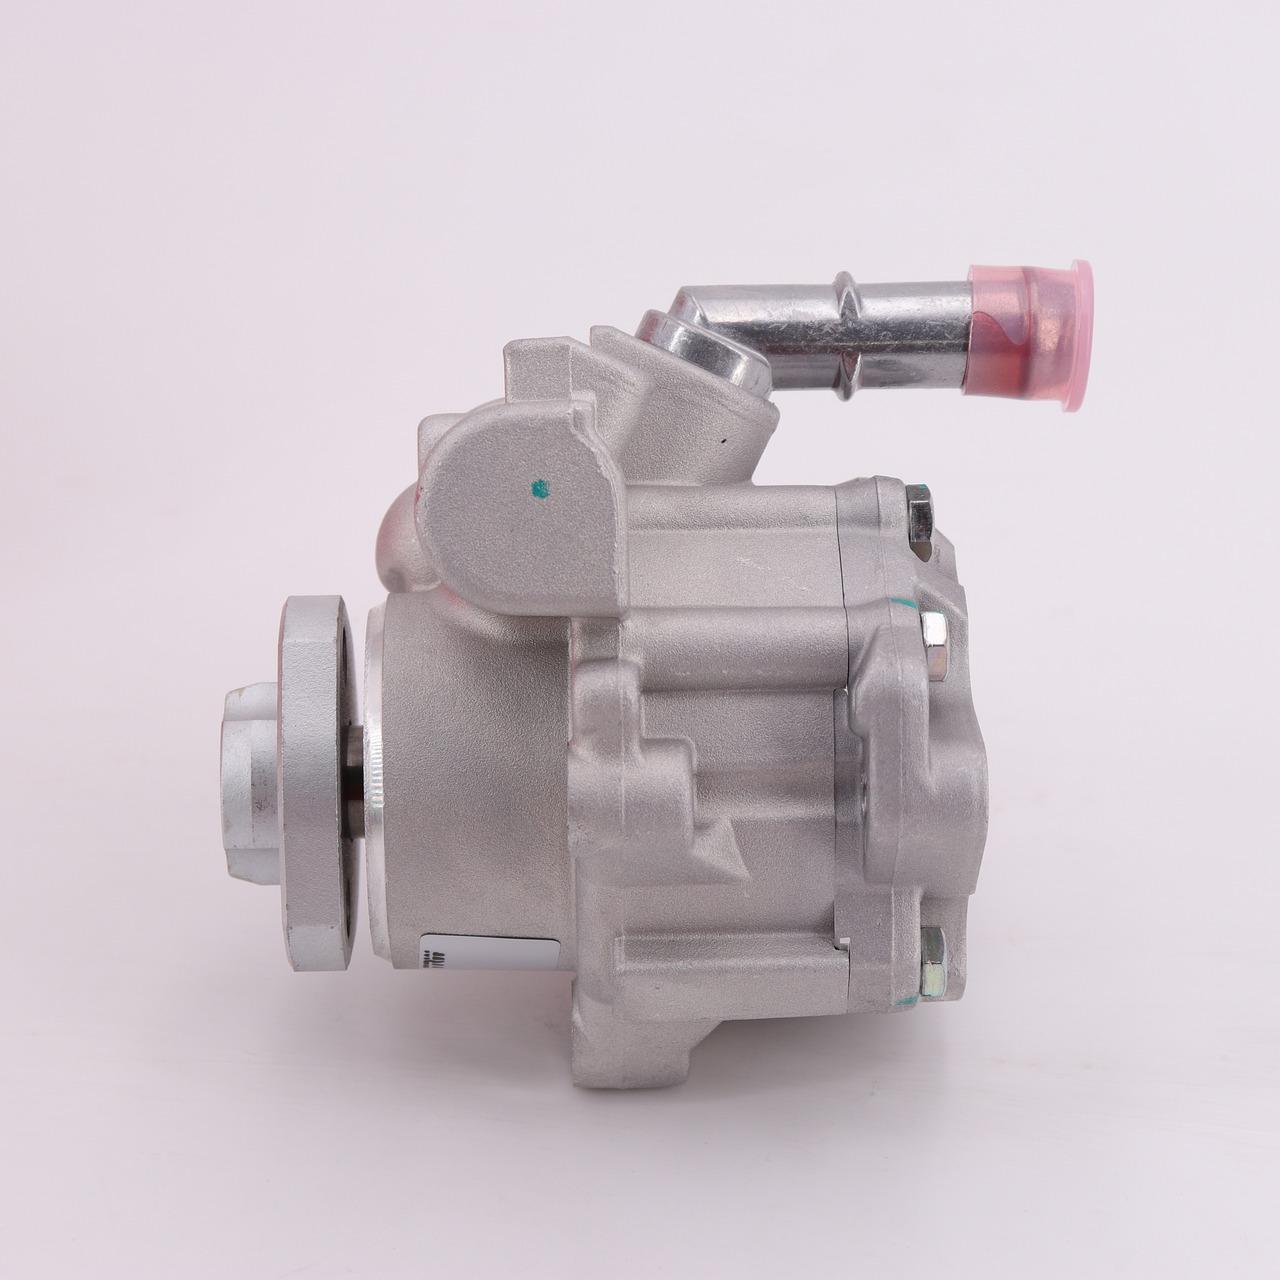 Why Is My Hydraulic Pump Running Slowly?